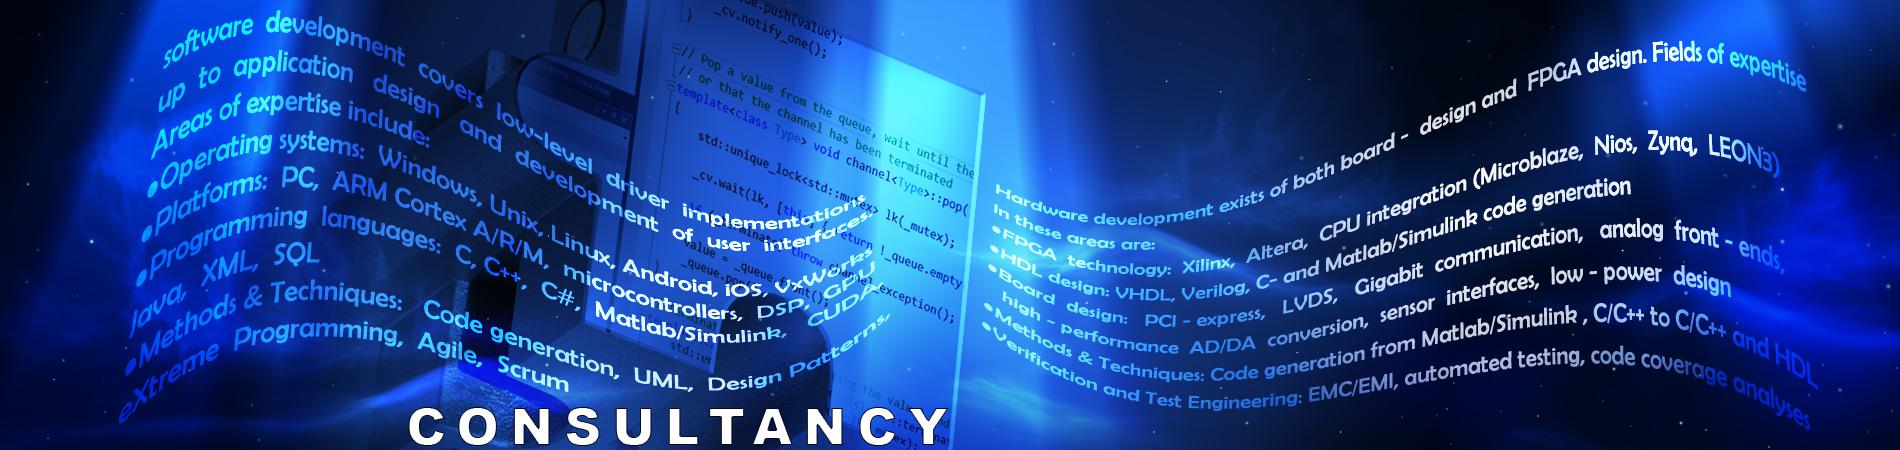 TES_Consultancy plaatje+ tekst voorbeeld_01